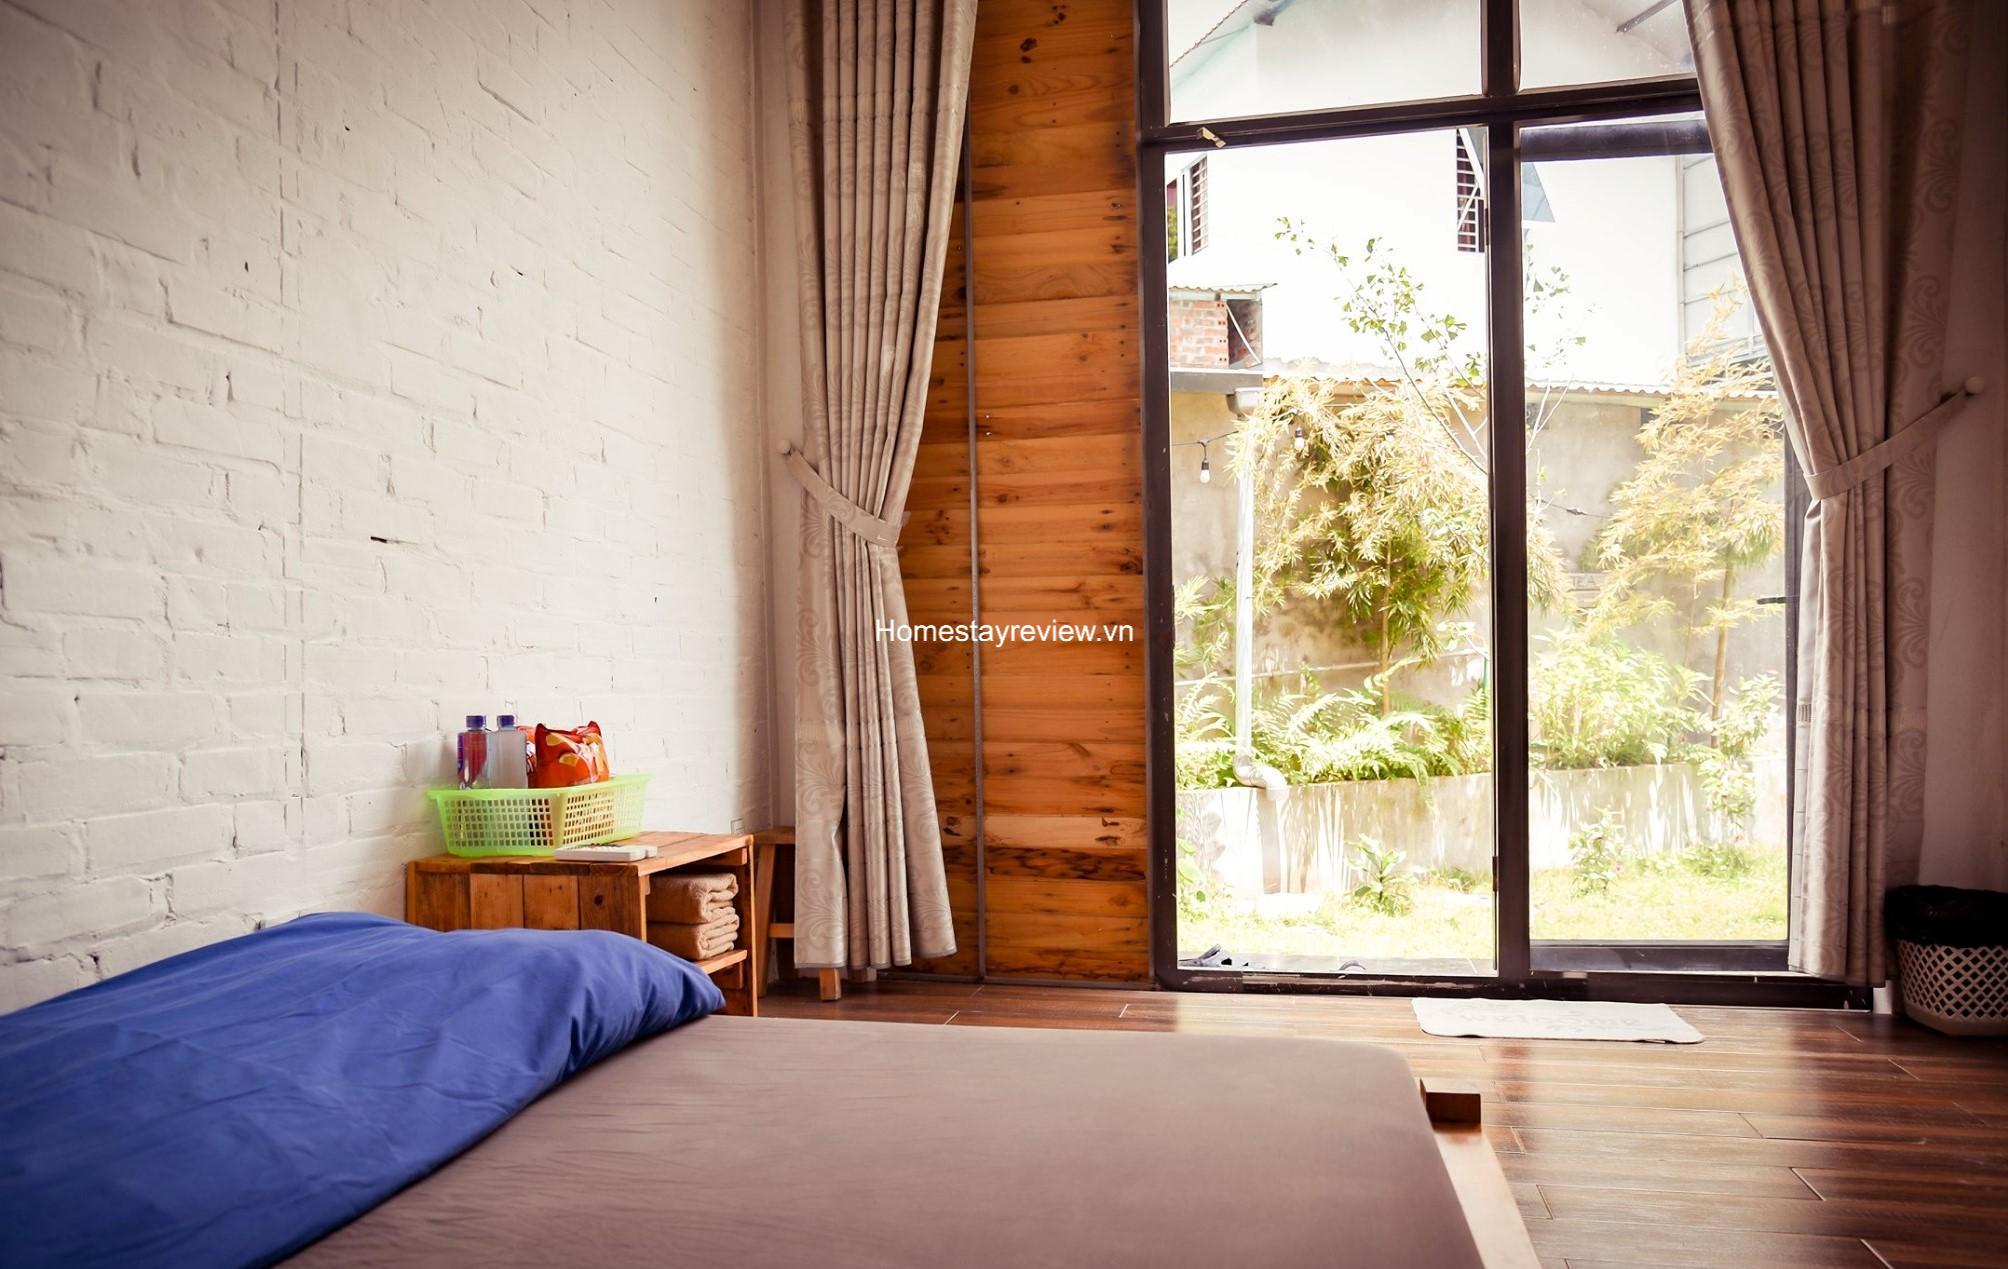 Top 20 Homestay Mộc Châu Sơn La giá rẻ view đẹp decor xinh để sống ảo